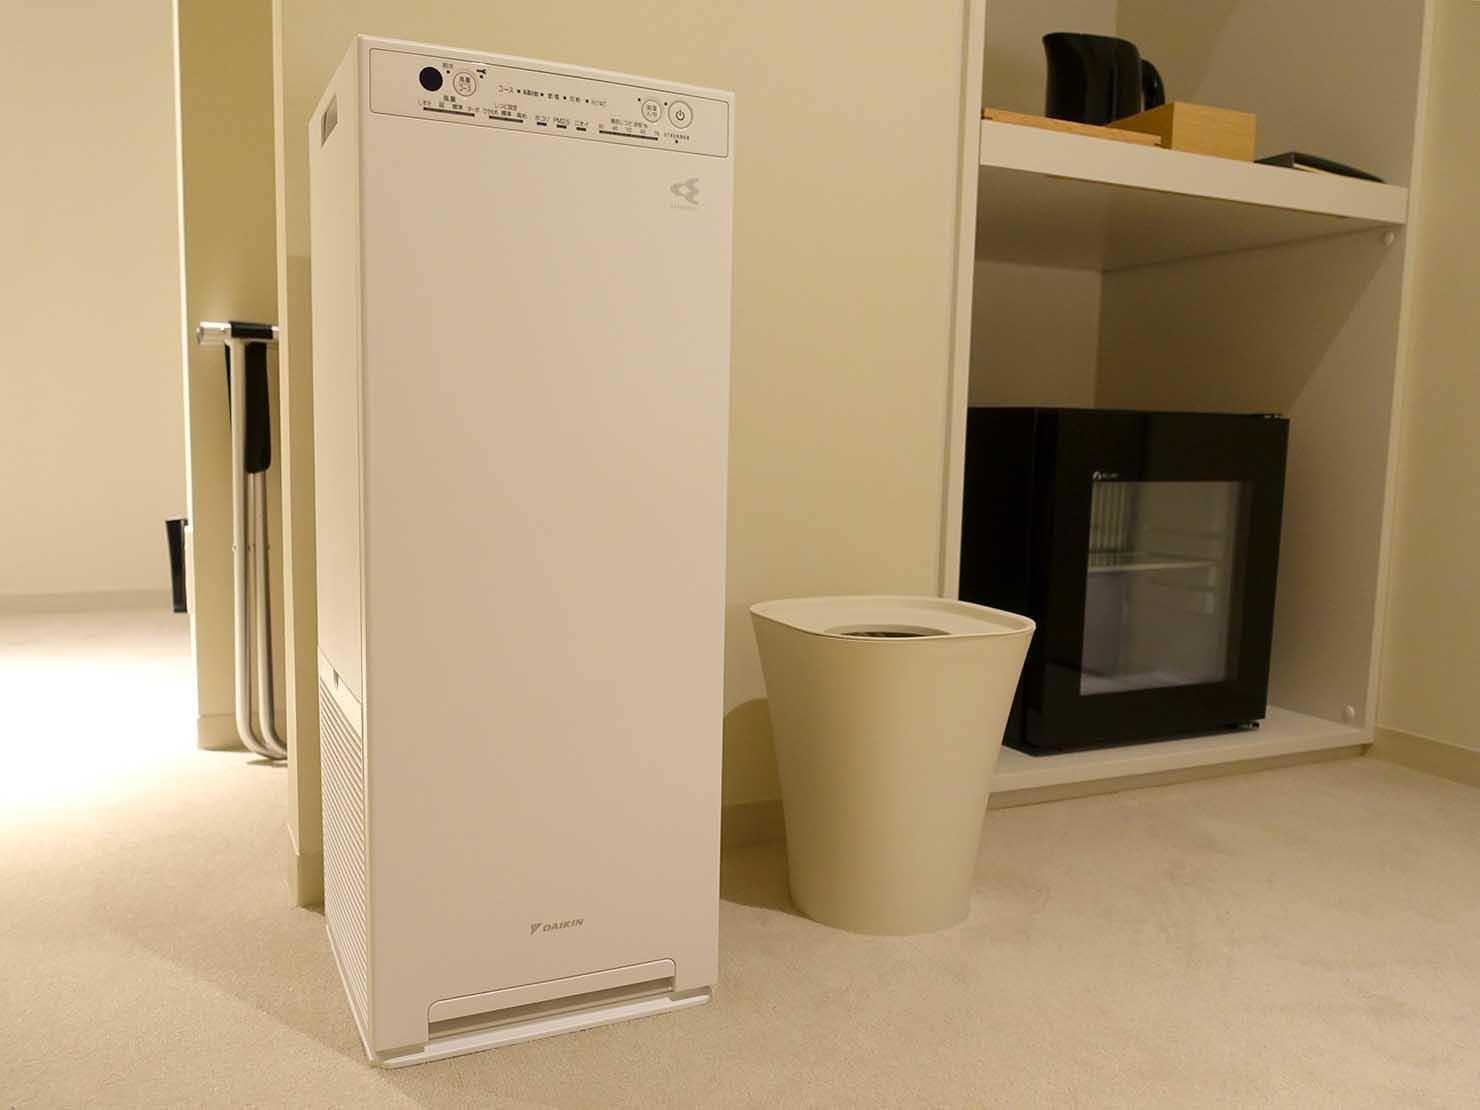 広島・八丁堀のおしゃれなリノベホテル「KIRO広島 The Share Hotels」コンパクトダブルの空気清浄機